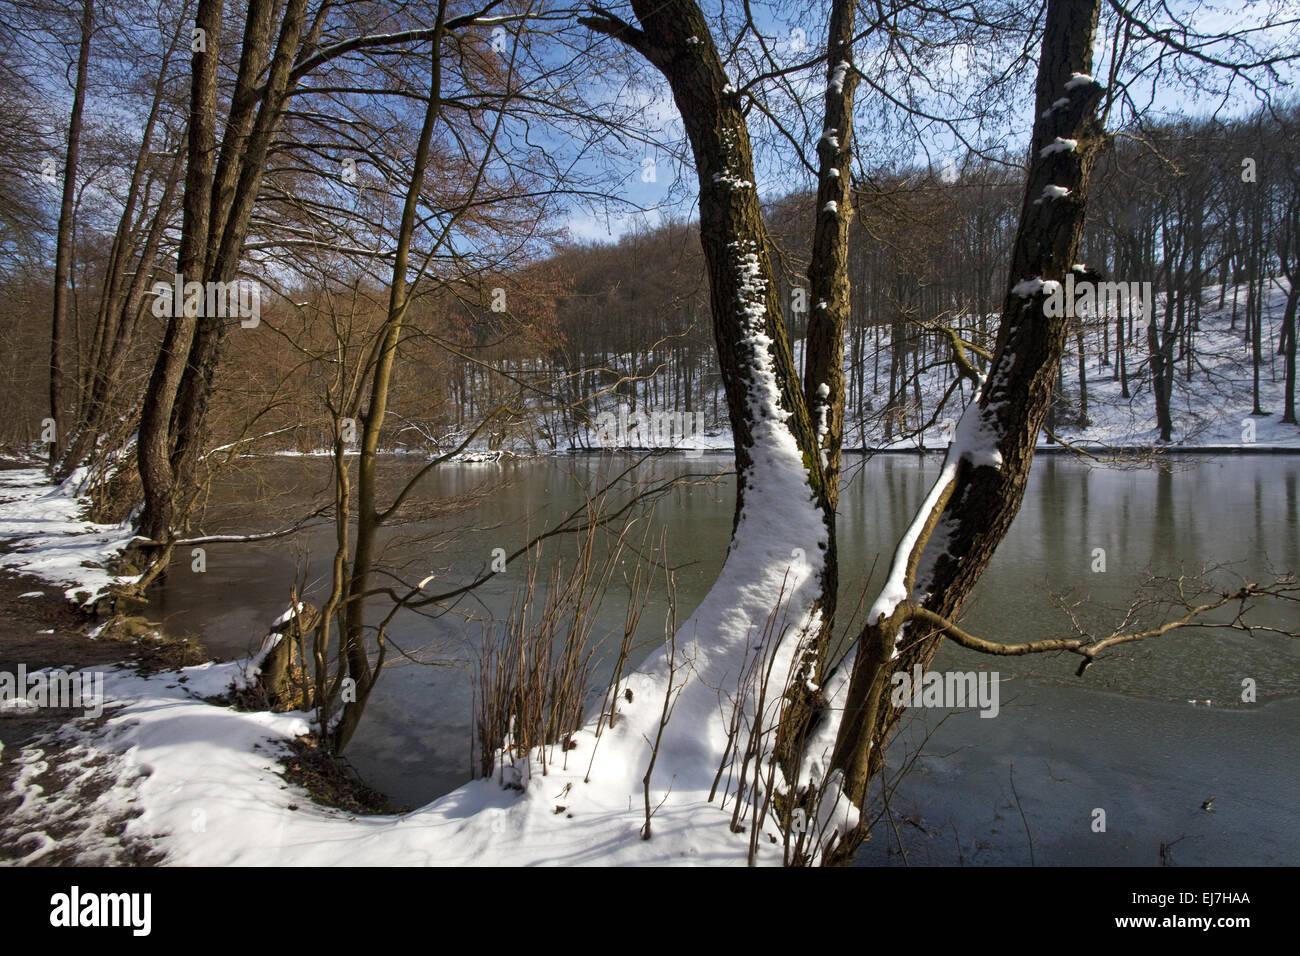 Landscape Hammerteich, Witten, Germany - Stock Image